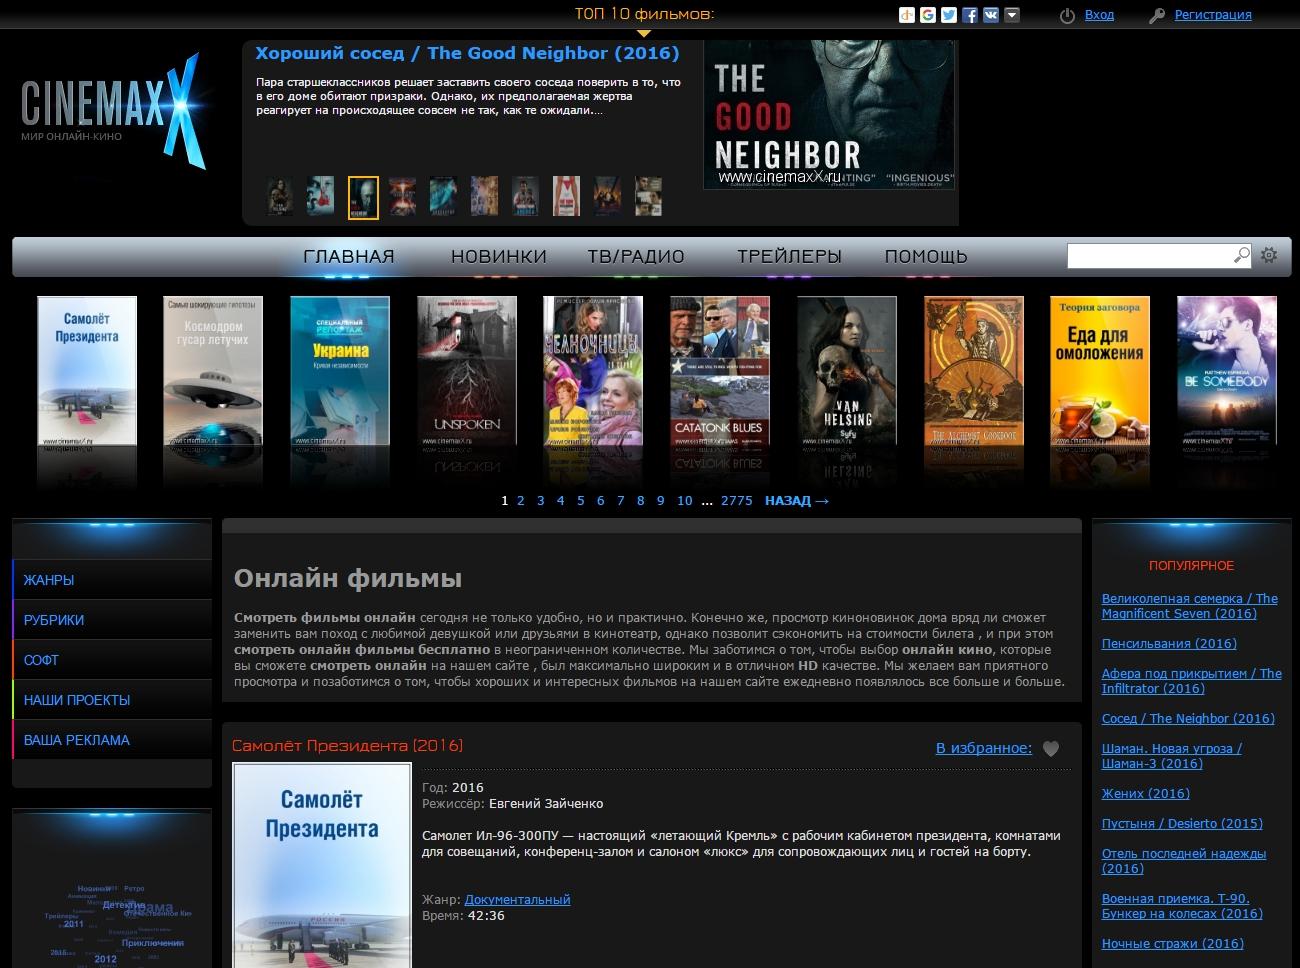 каком сайте можно скачать фильмы на андроид Prakard